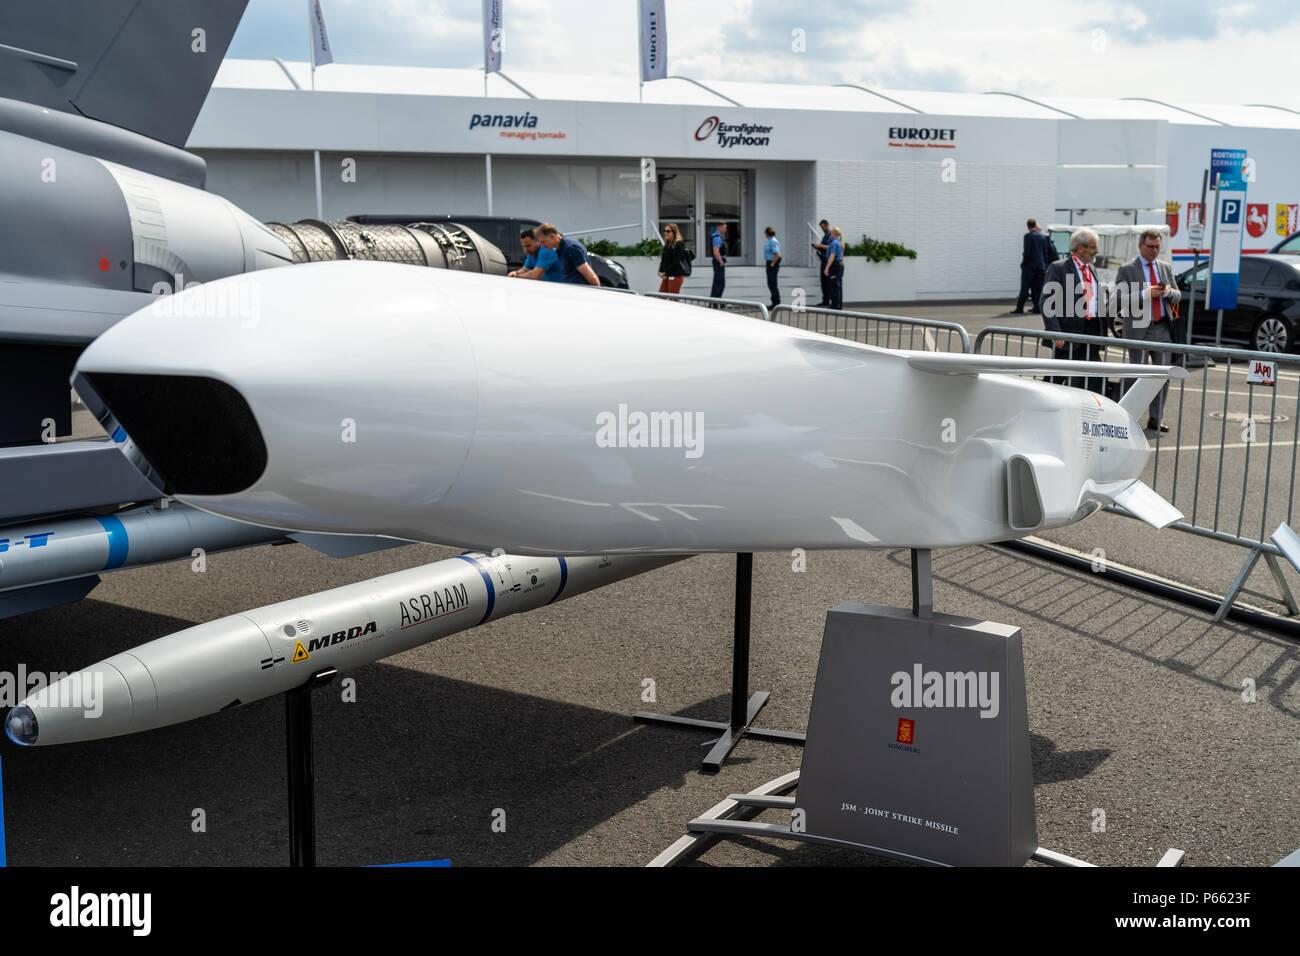 """Ein anti-schiff und an Land Attack missile """"Naval Strike Raketenabwehr"""" (NSM) von der norwegischen Firma Kongsberg Defence & Aerospace (KDA). Stockfoto"""